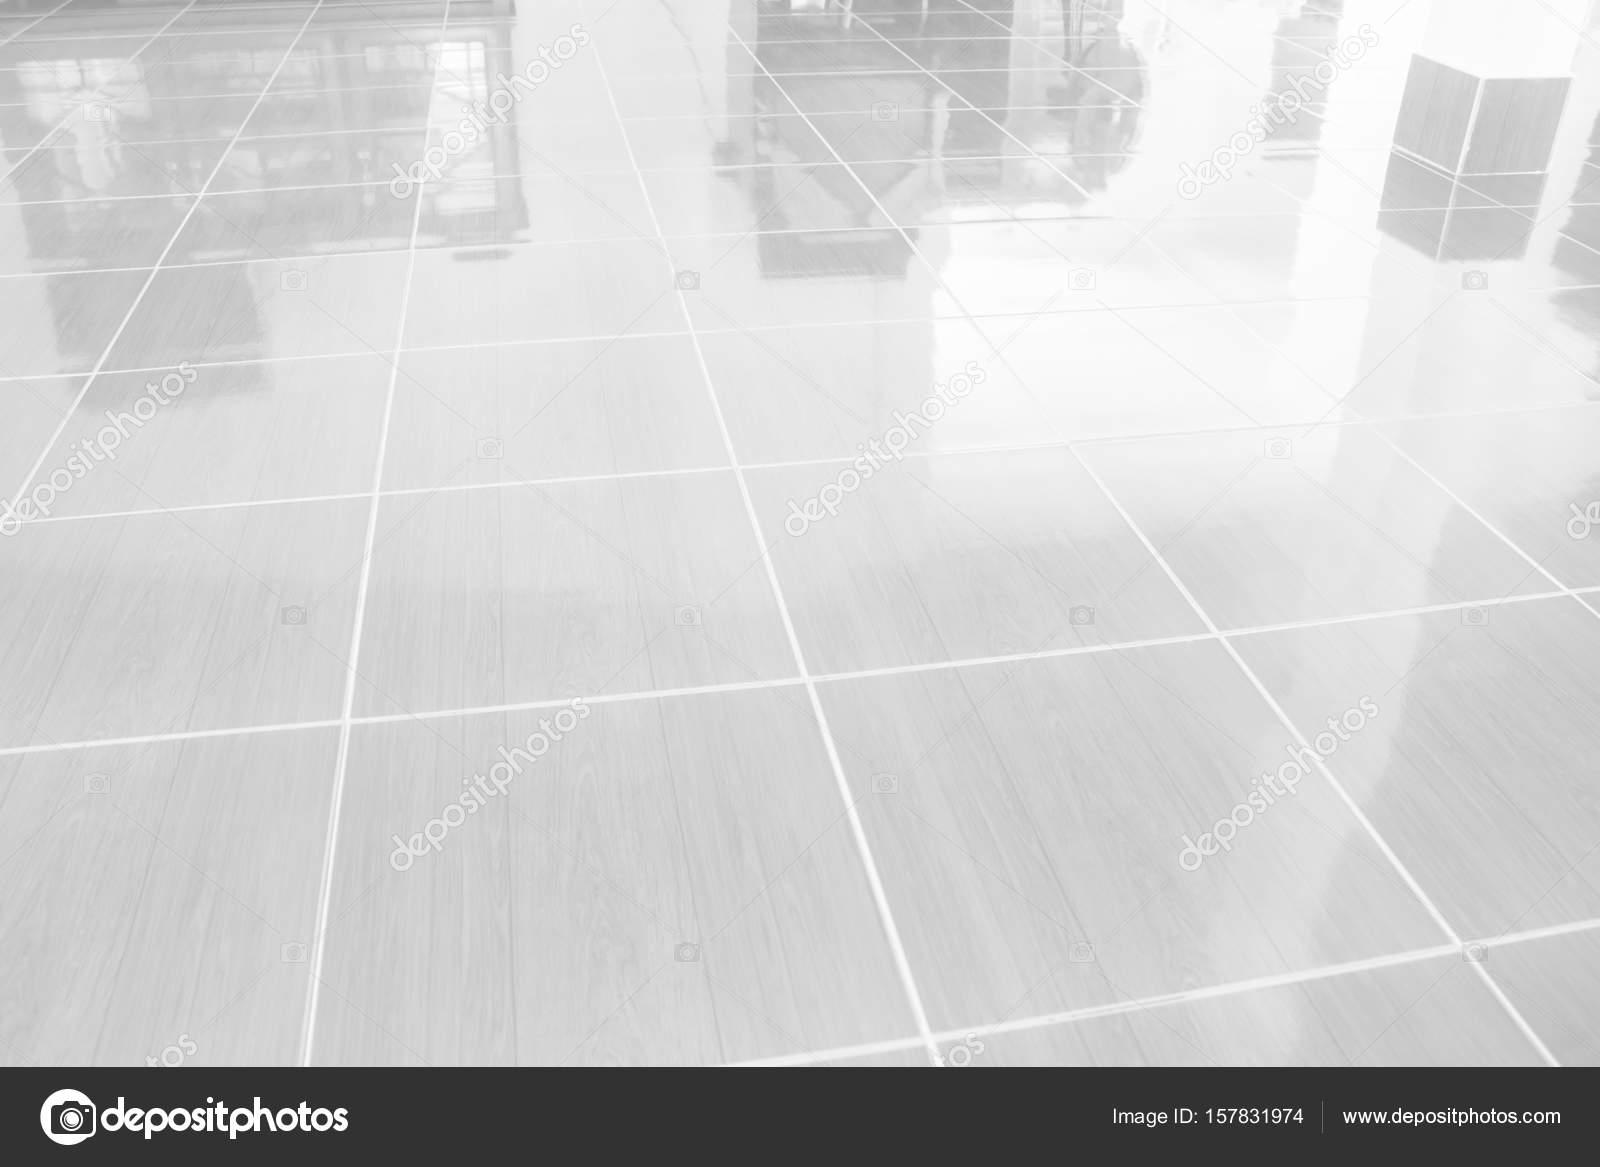 Pavimento in marmo grigio piastrelle per sfondo di interni di